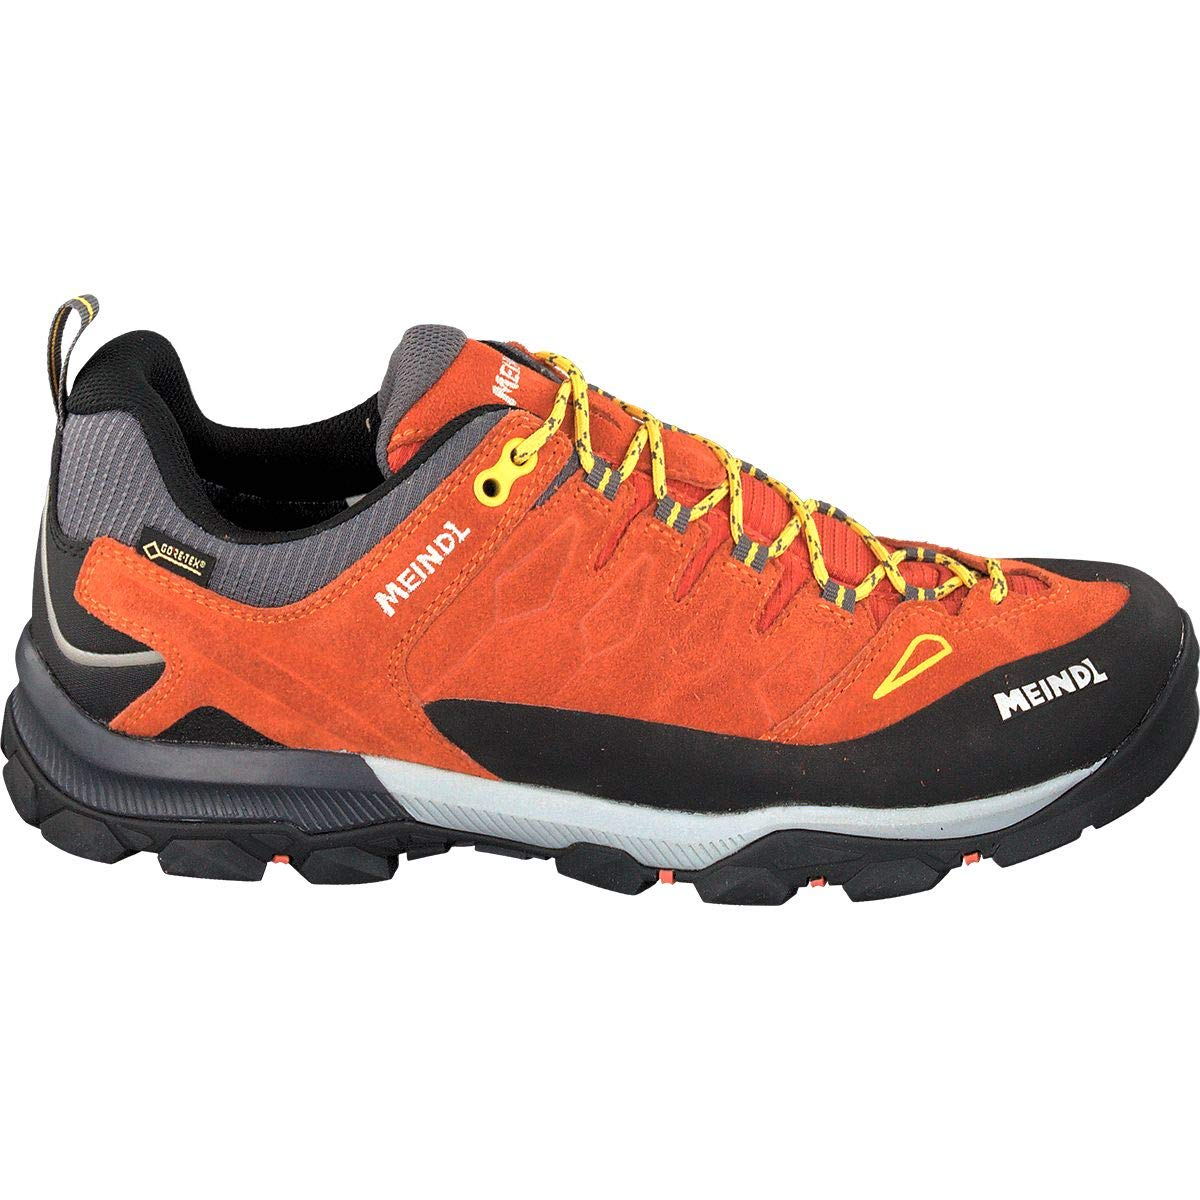 Meindl Herren Sportschuhe Tereno GTX 3812 076 Orange 426885